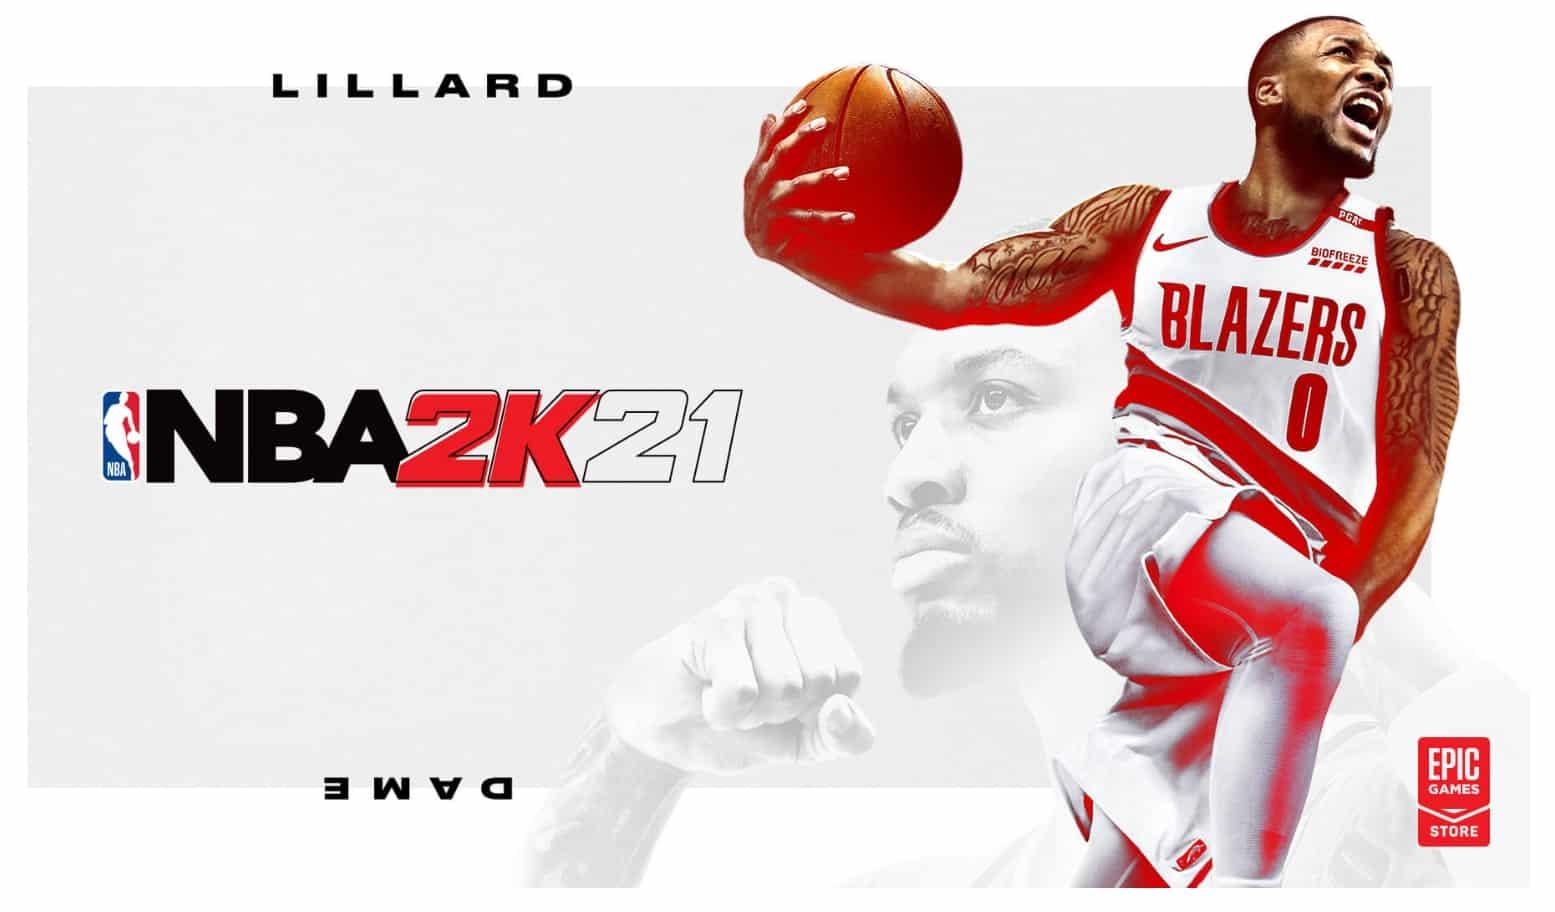 에픽 게임즈에서 한시적으로 NBA 2K21를 무료로 받을 수 있다. 28일까지